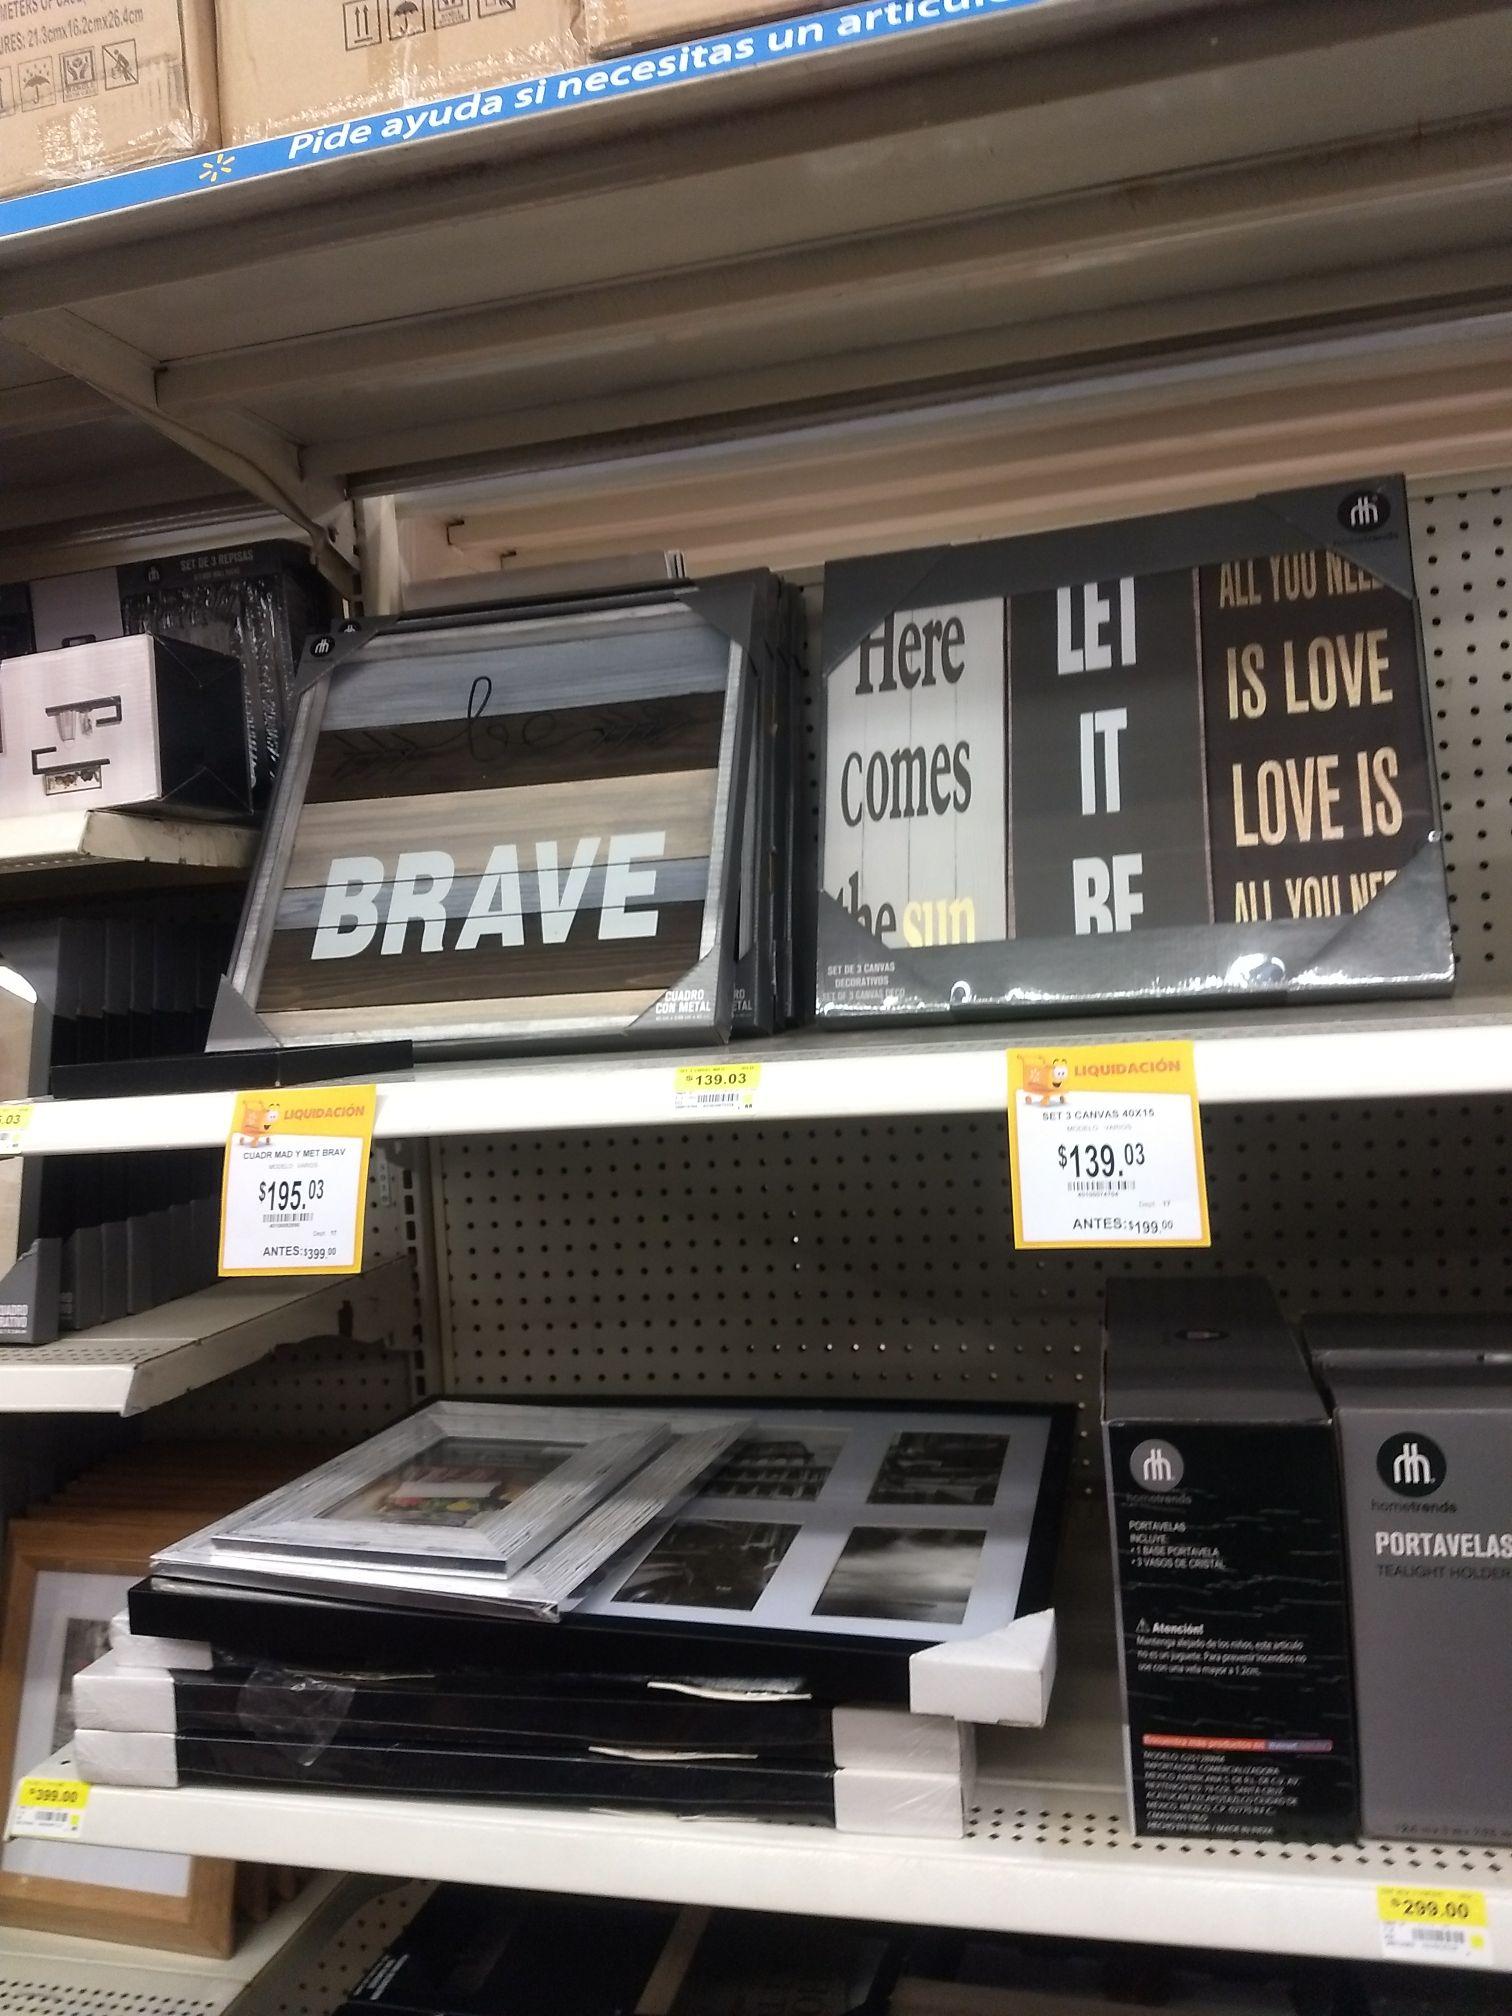 Walmart; Portarretratos en liquidación y cuadros decorativos